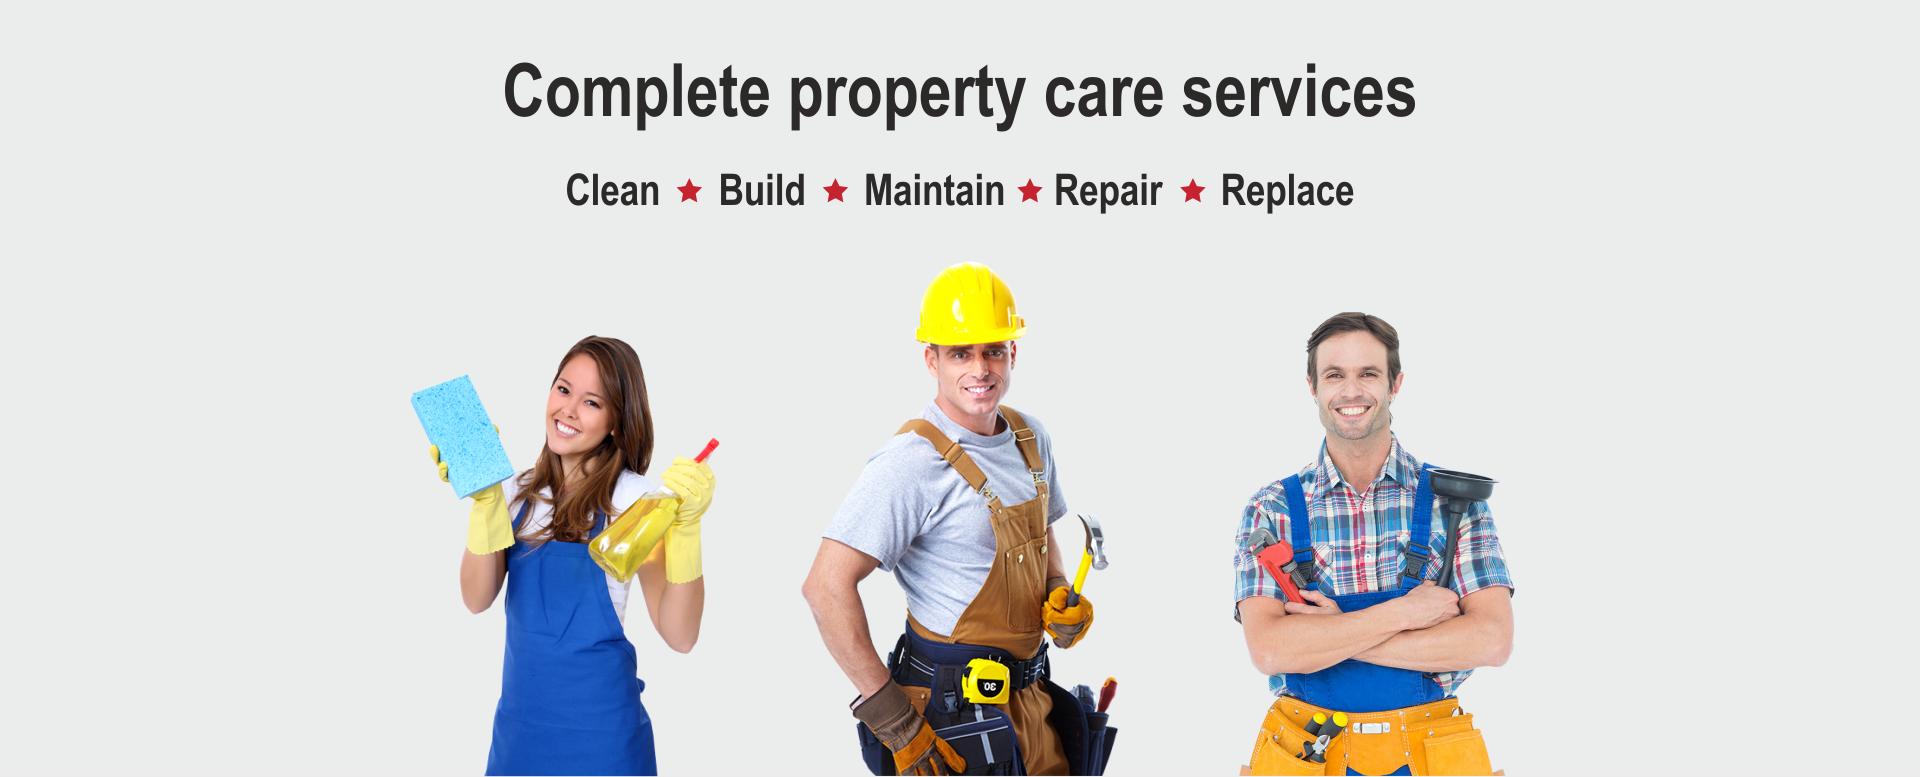 Clean Build Maintain Repair Replace